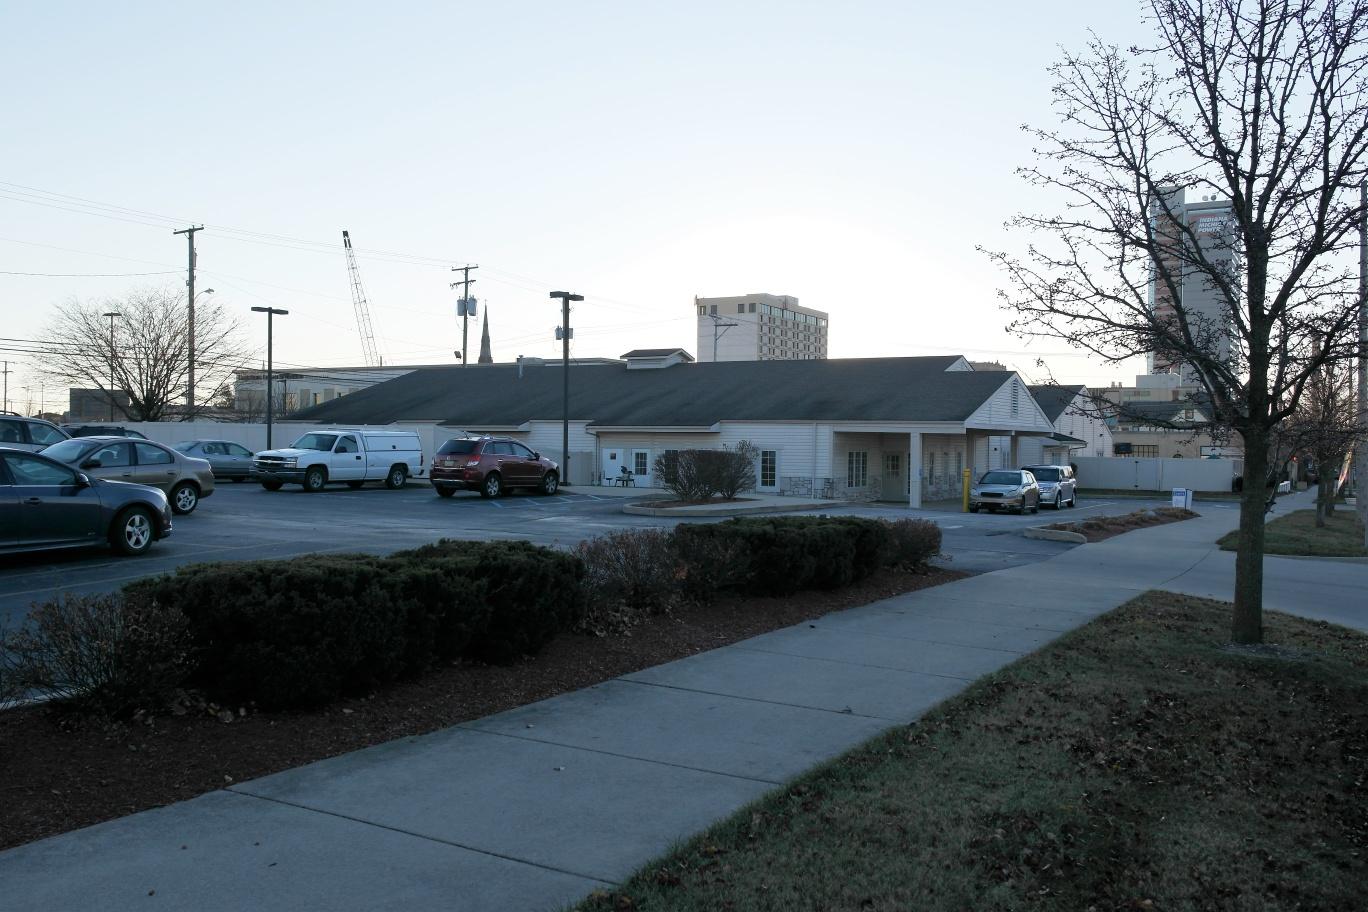 Downtown Center - Exterior Wayne View